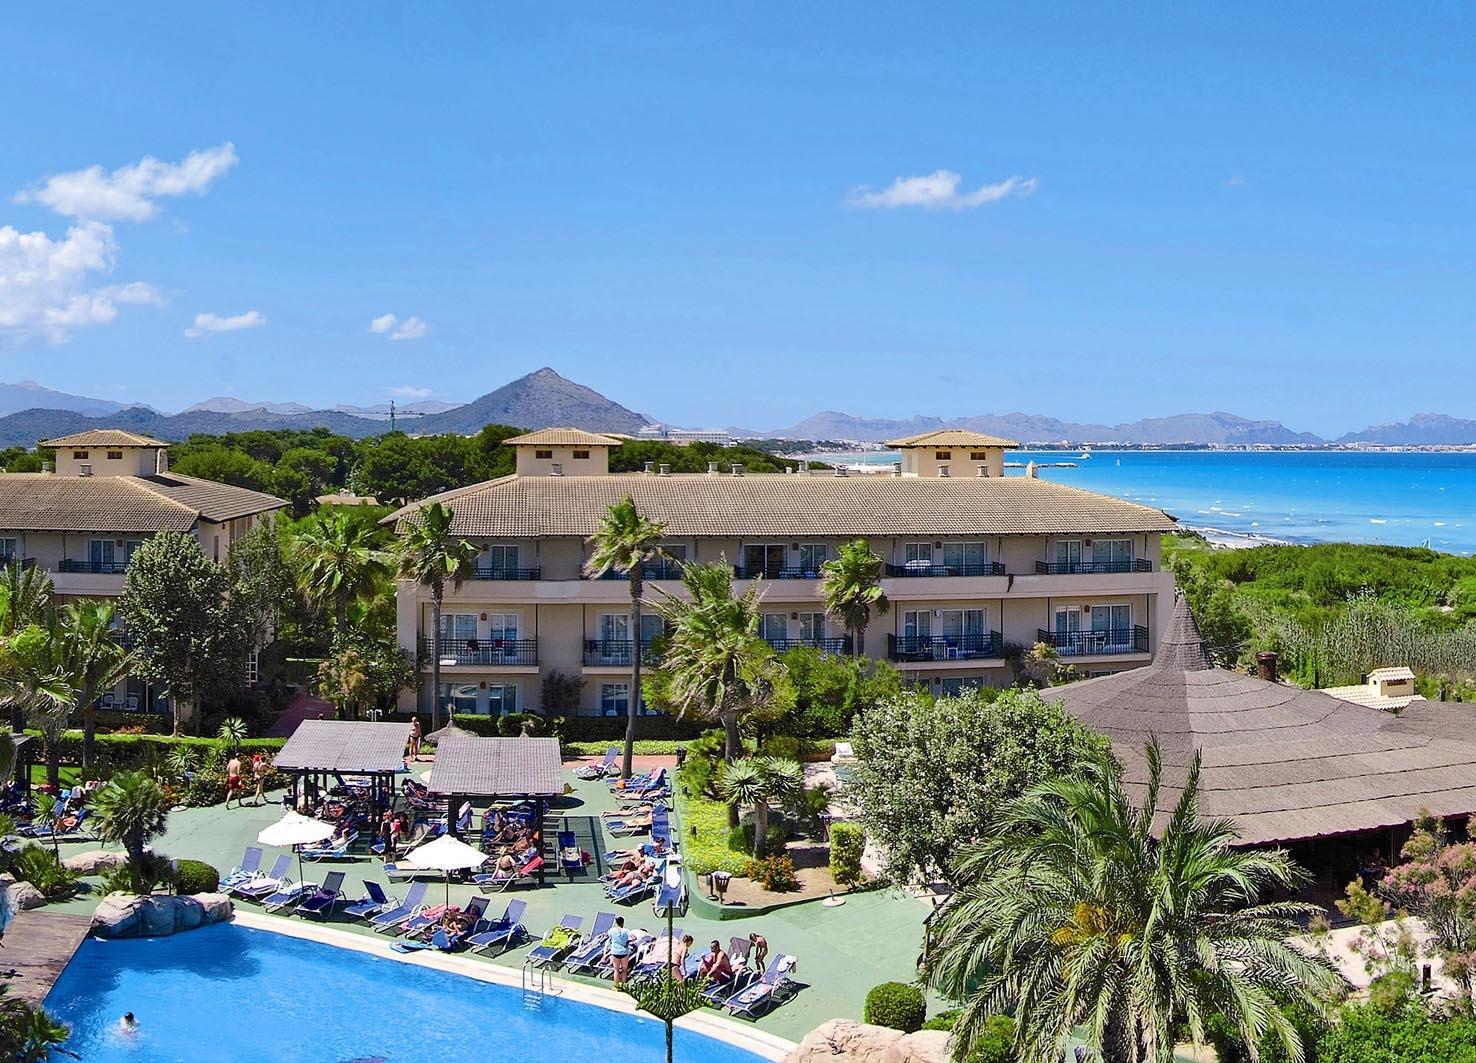 rekordpreise bei hotelverk ufen auf mallorca tourismus nachrichten mallorca magazin. Black Bedroom Furniture Sets. Home Design Ideas